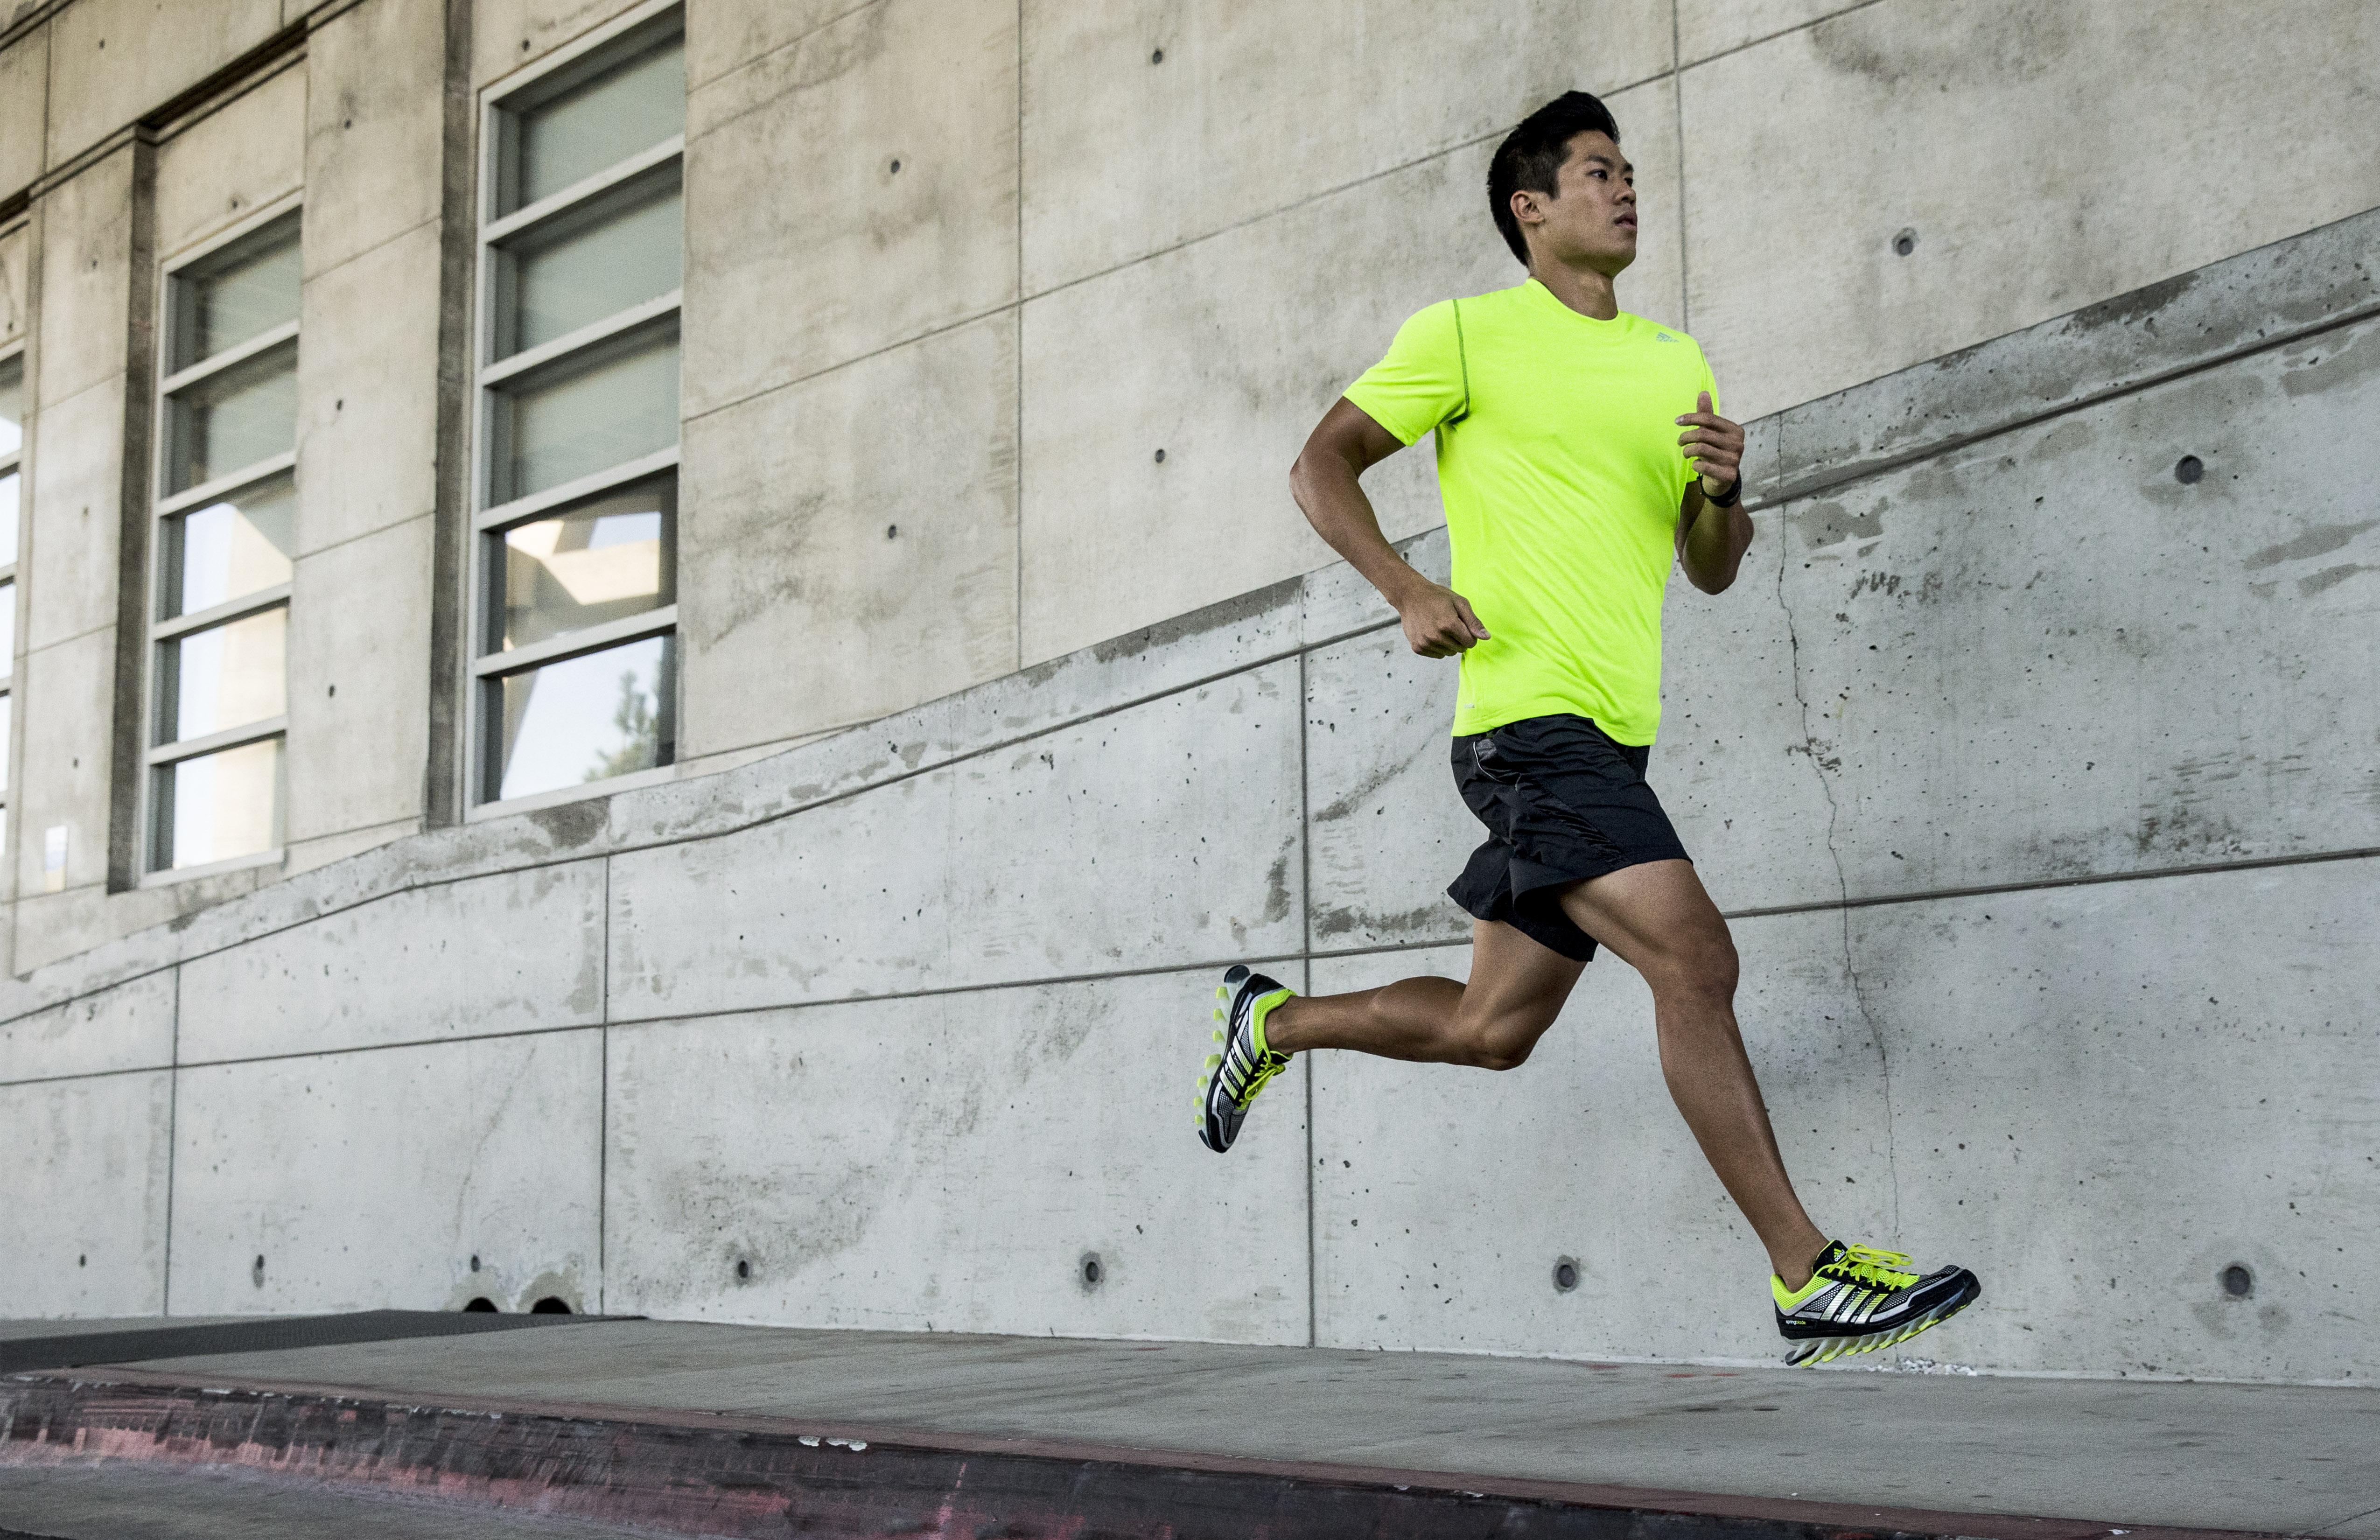 adidas Springblade Schuhe für Männer kommerzielle Fitnessgeräte